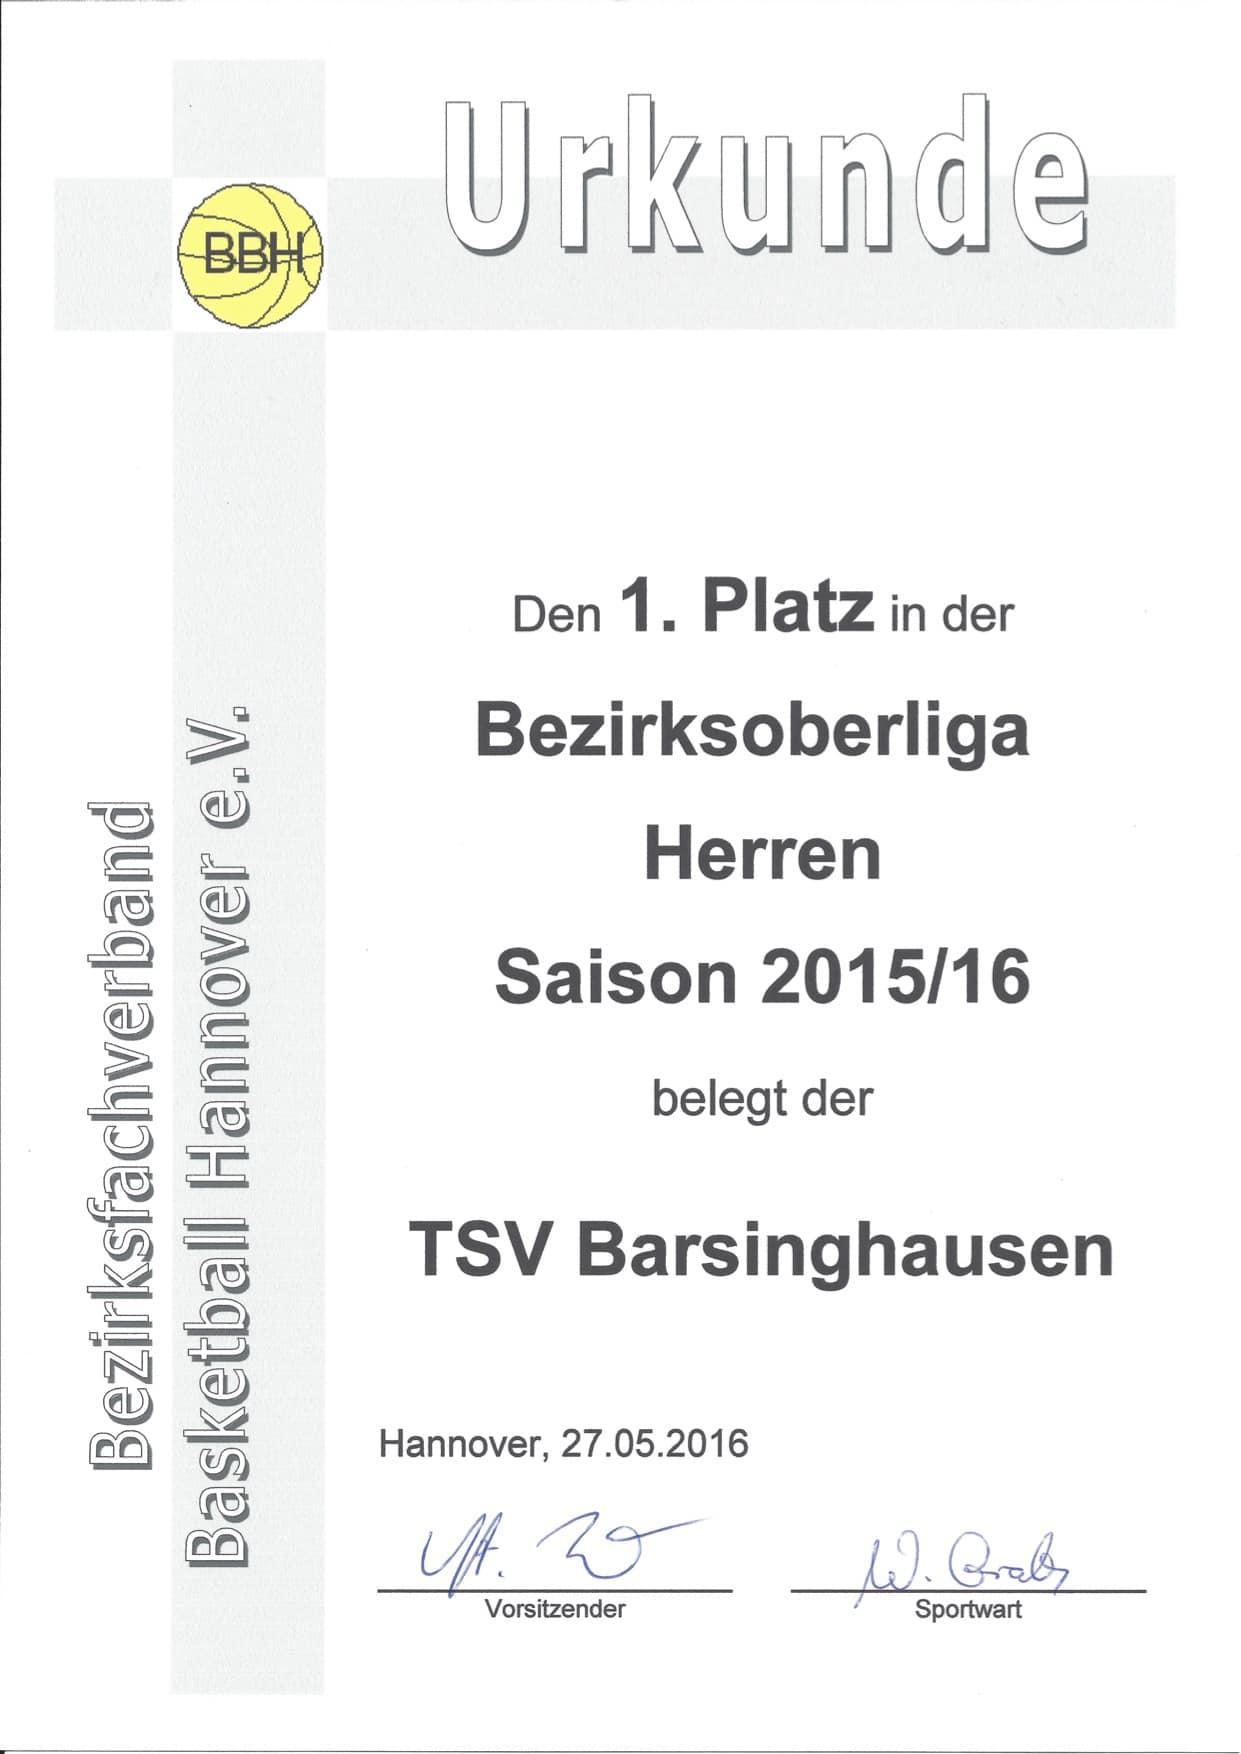 Urkunde BOL Herren 2015-2016